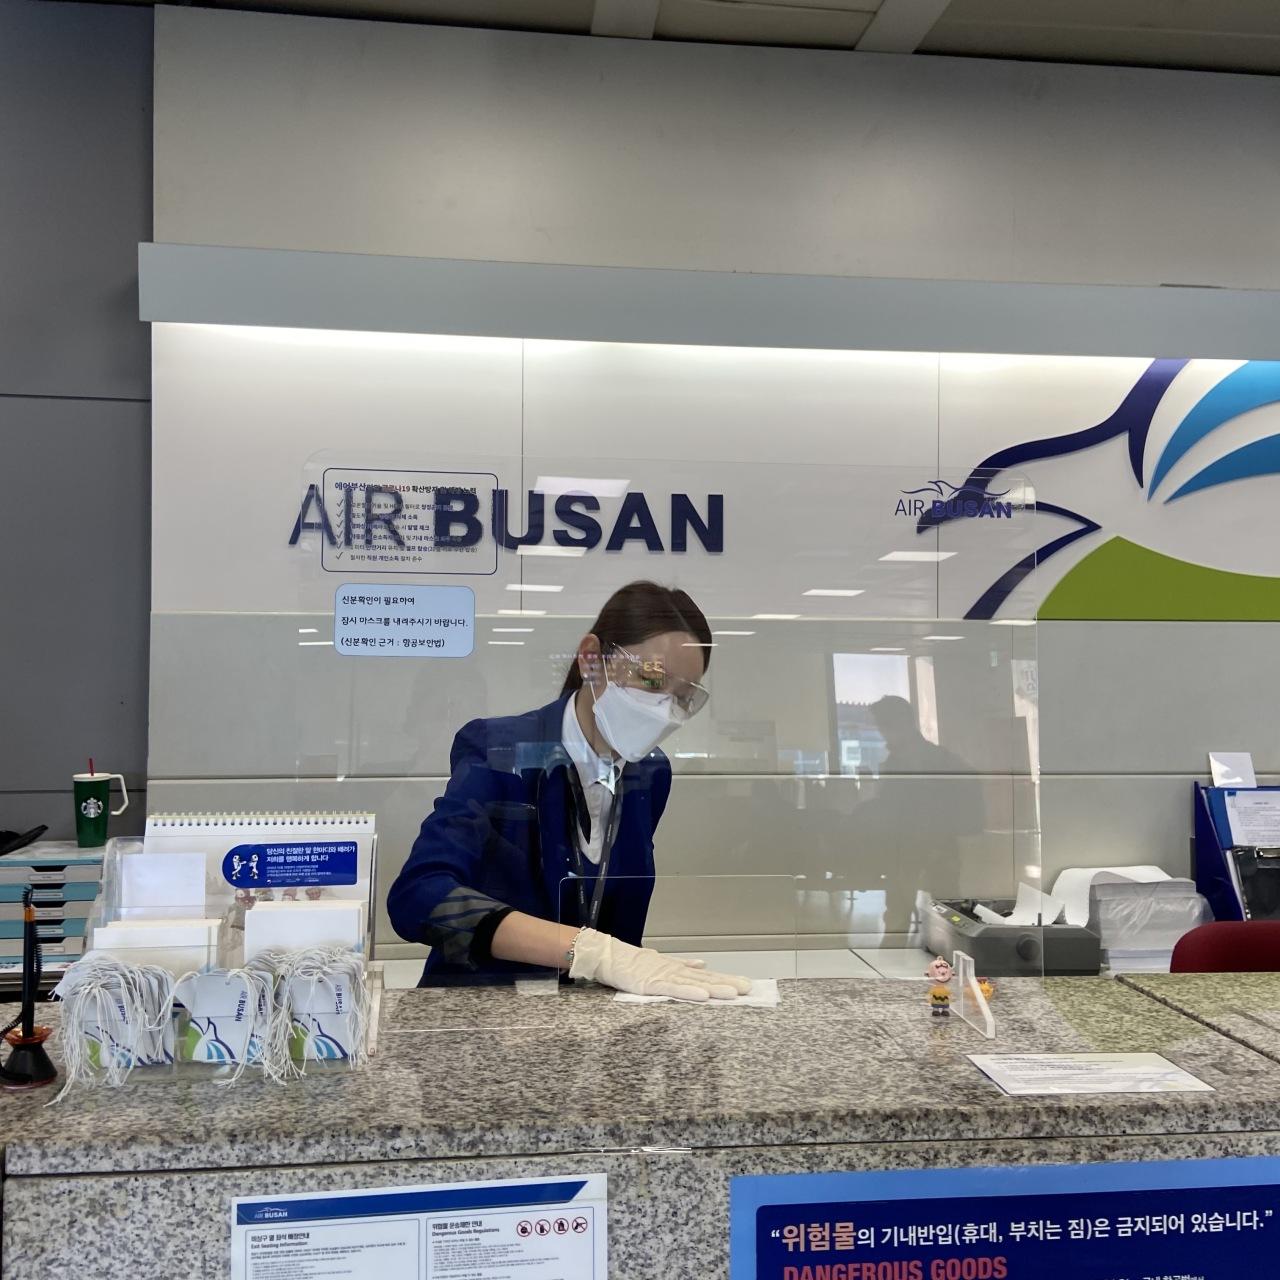 An Air Busan staff member cleans an airport check-in counter. (Air Busan)